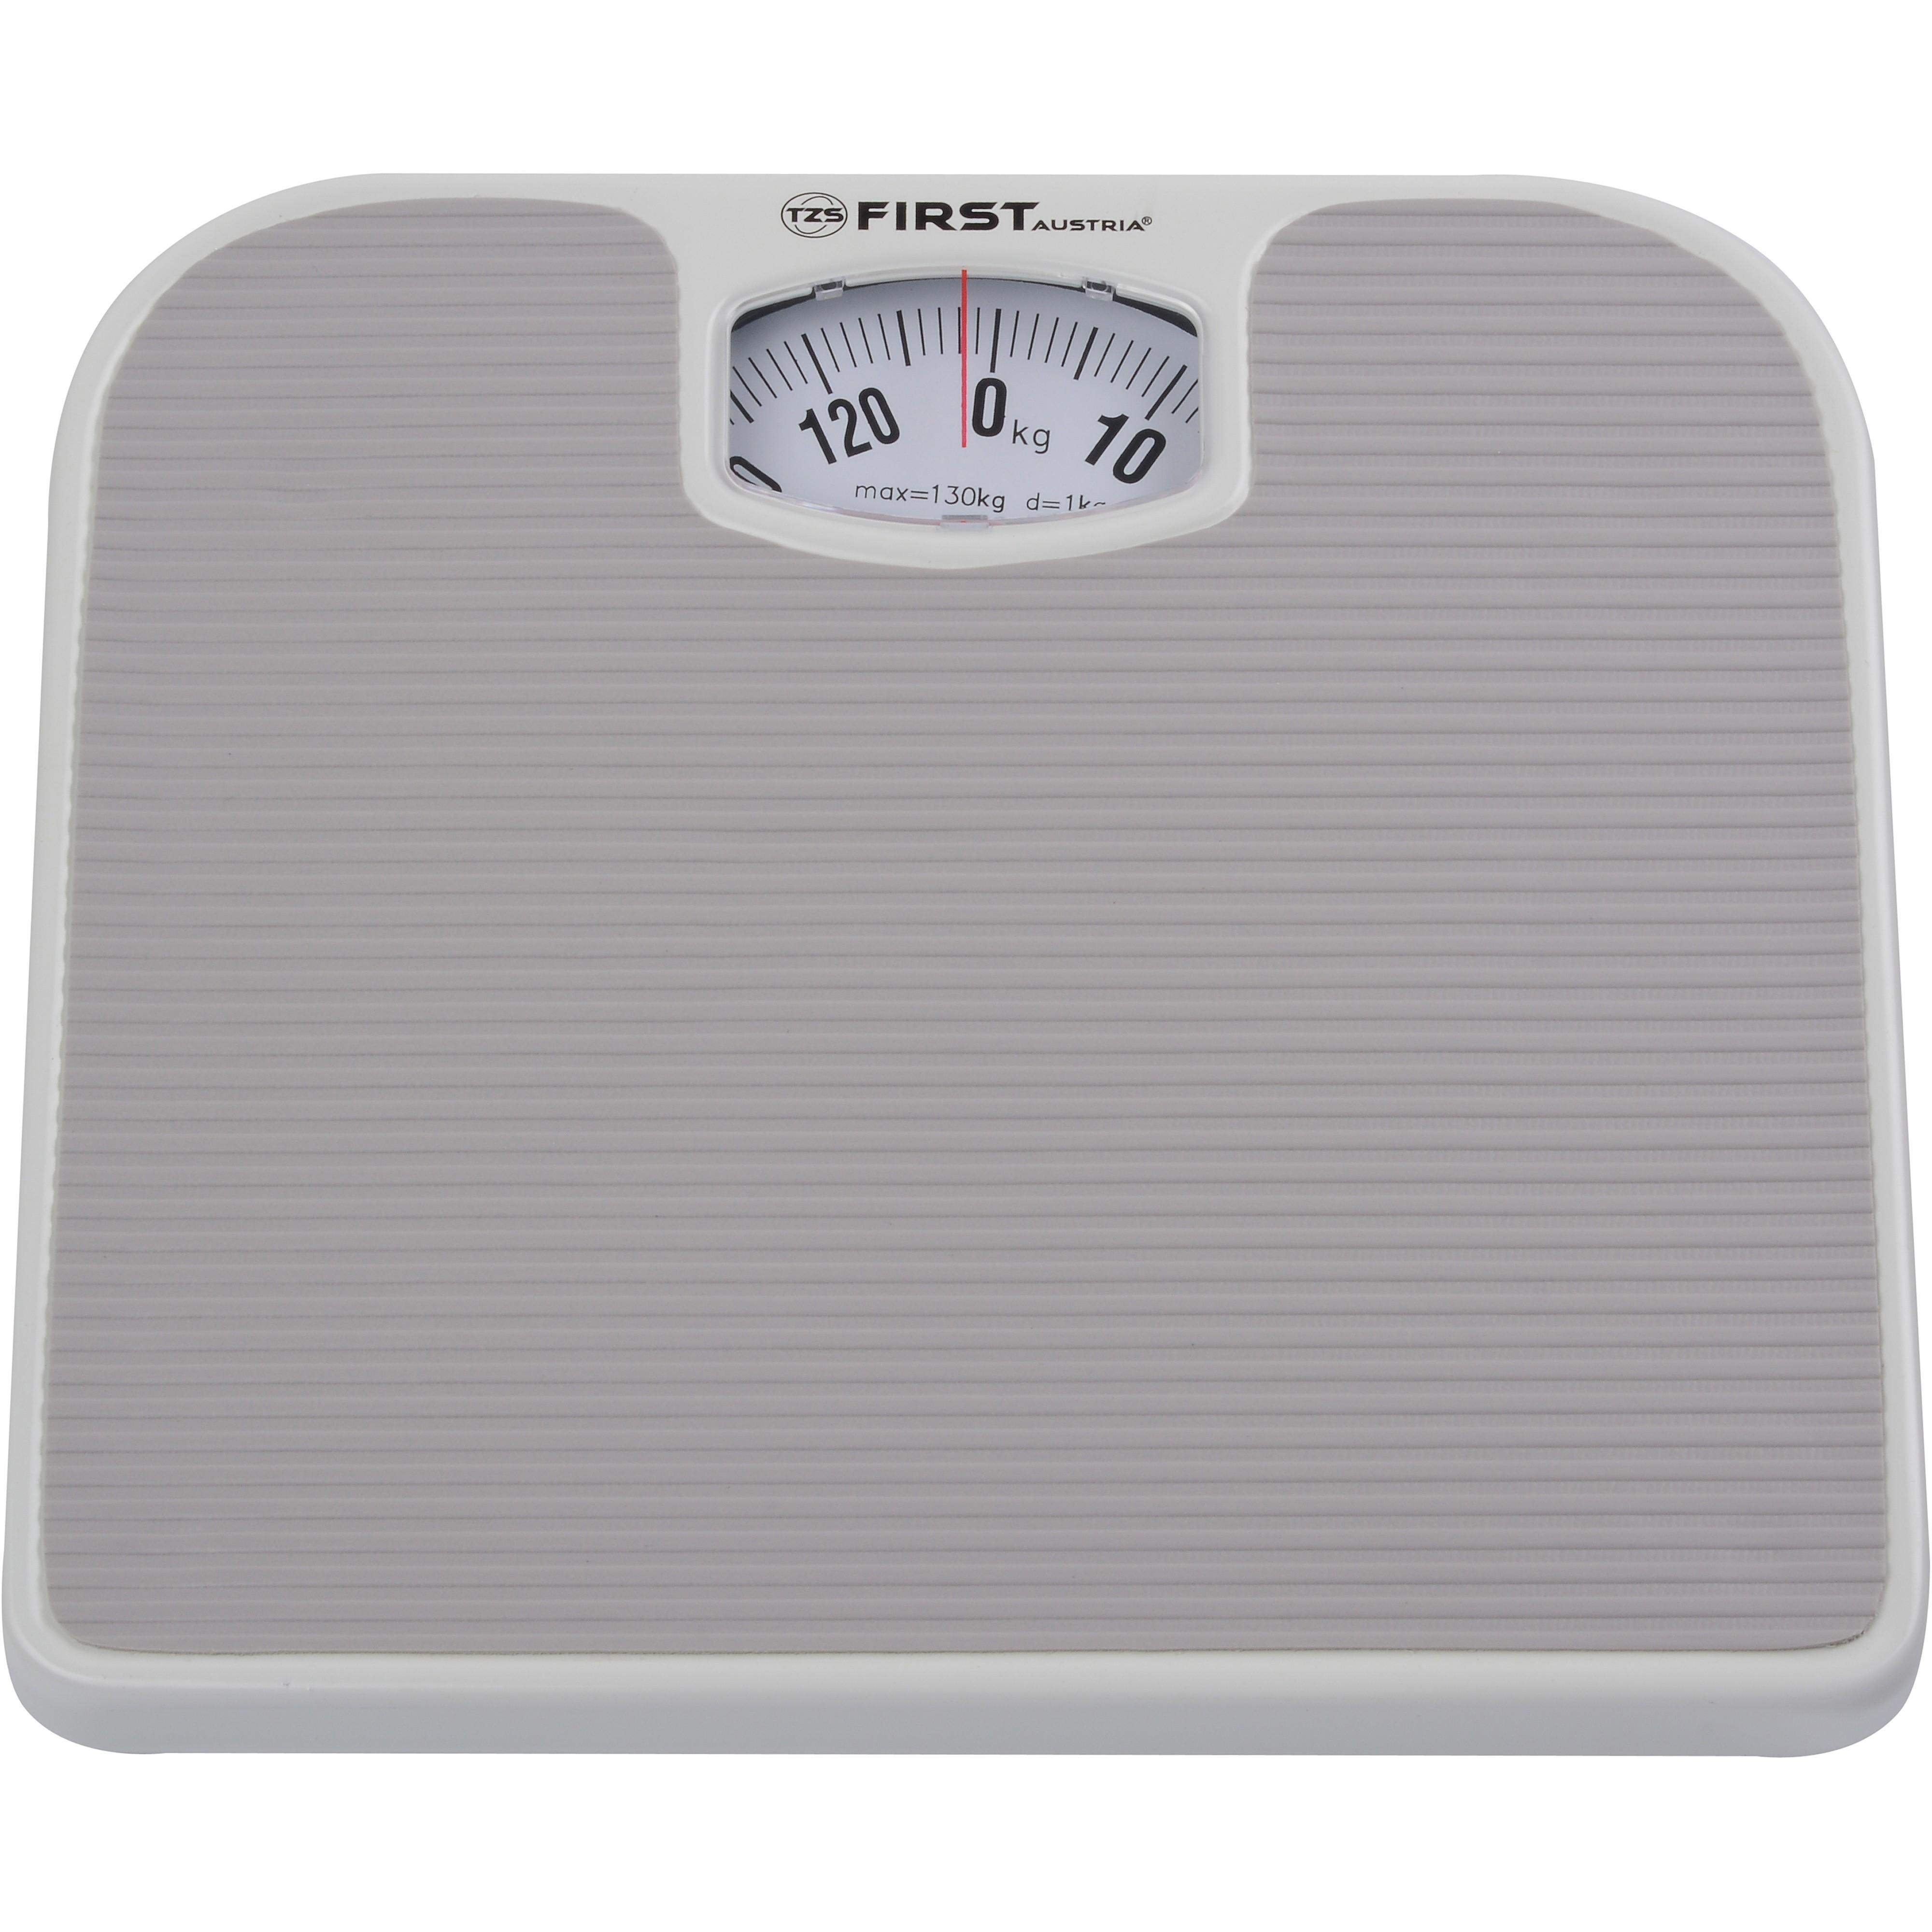 Весы напольные FIRST 8020-GRНапольные весы<br>Простым в использовании и надежным прибором для измерения веса человека, являются напольные весы. Такое устройство позволить вам измерить свой вес без лишних усилий в кратчайшие сроки прямо у себя дома.<br>